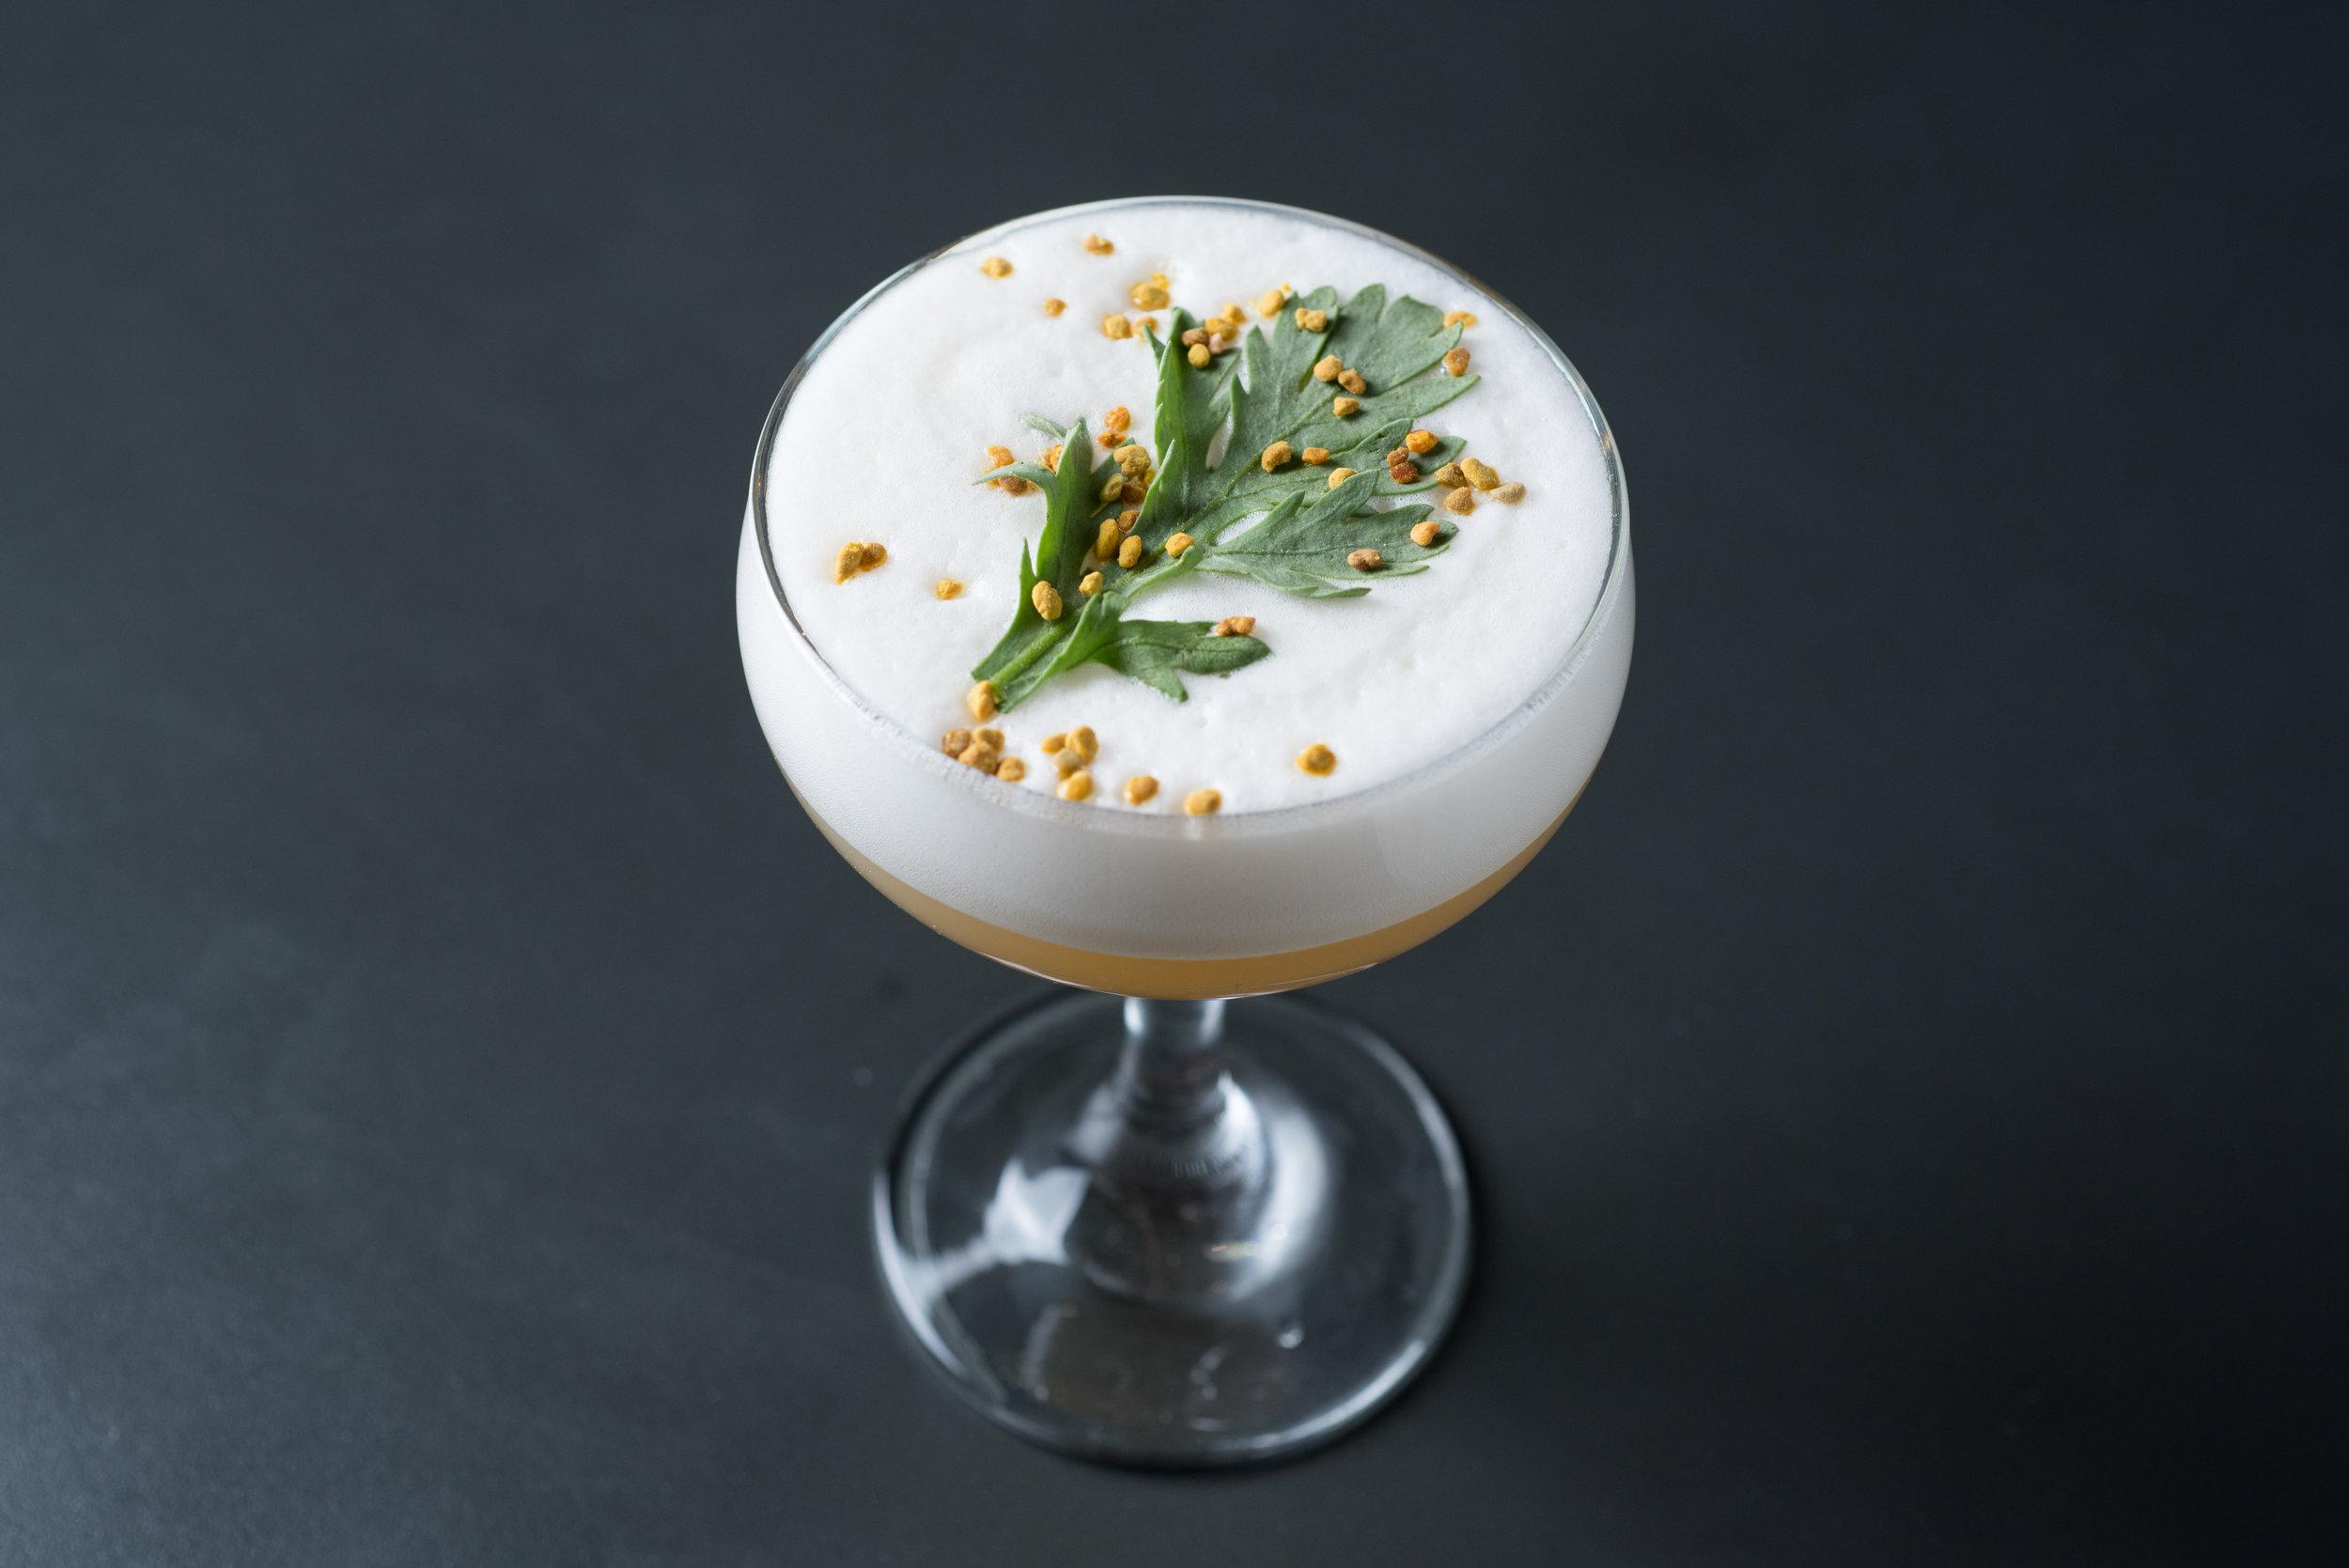 chrysathemum cocktail